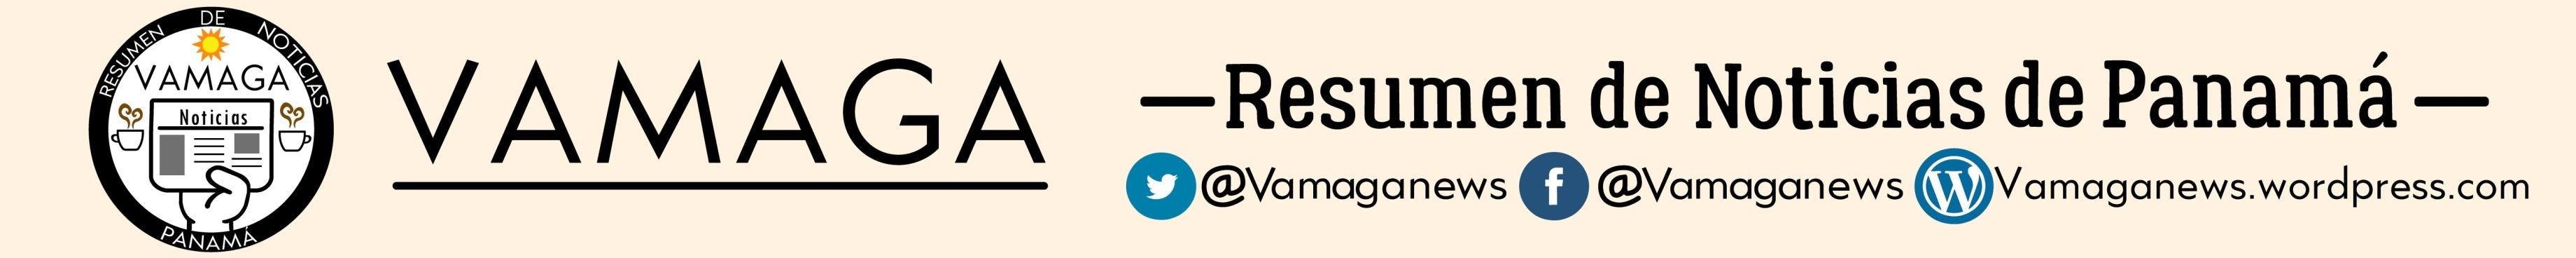 mayo   2017   RESUMEN DE NOTICIAS DE VAMAGA   Página 3